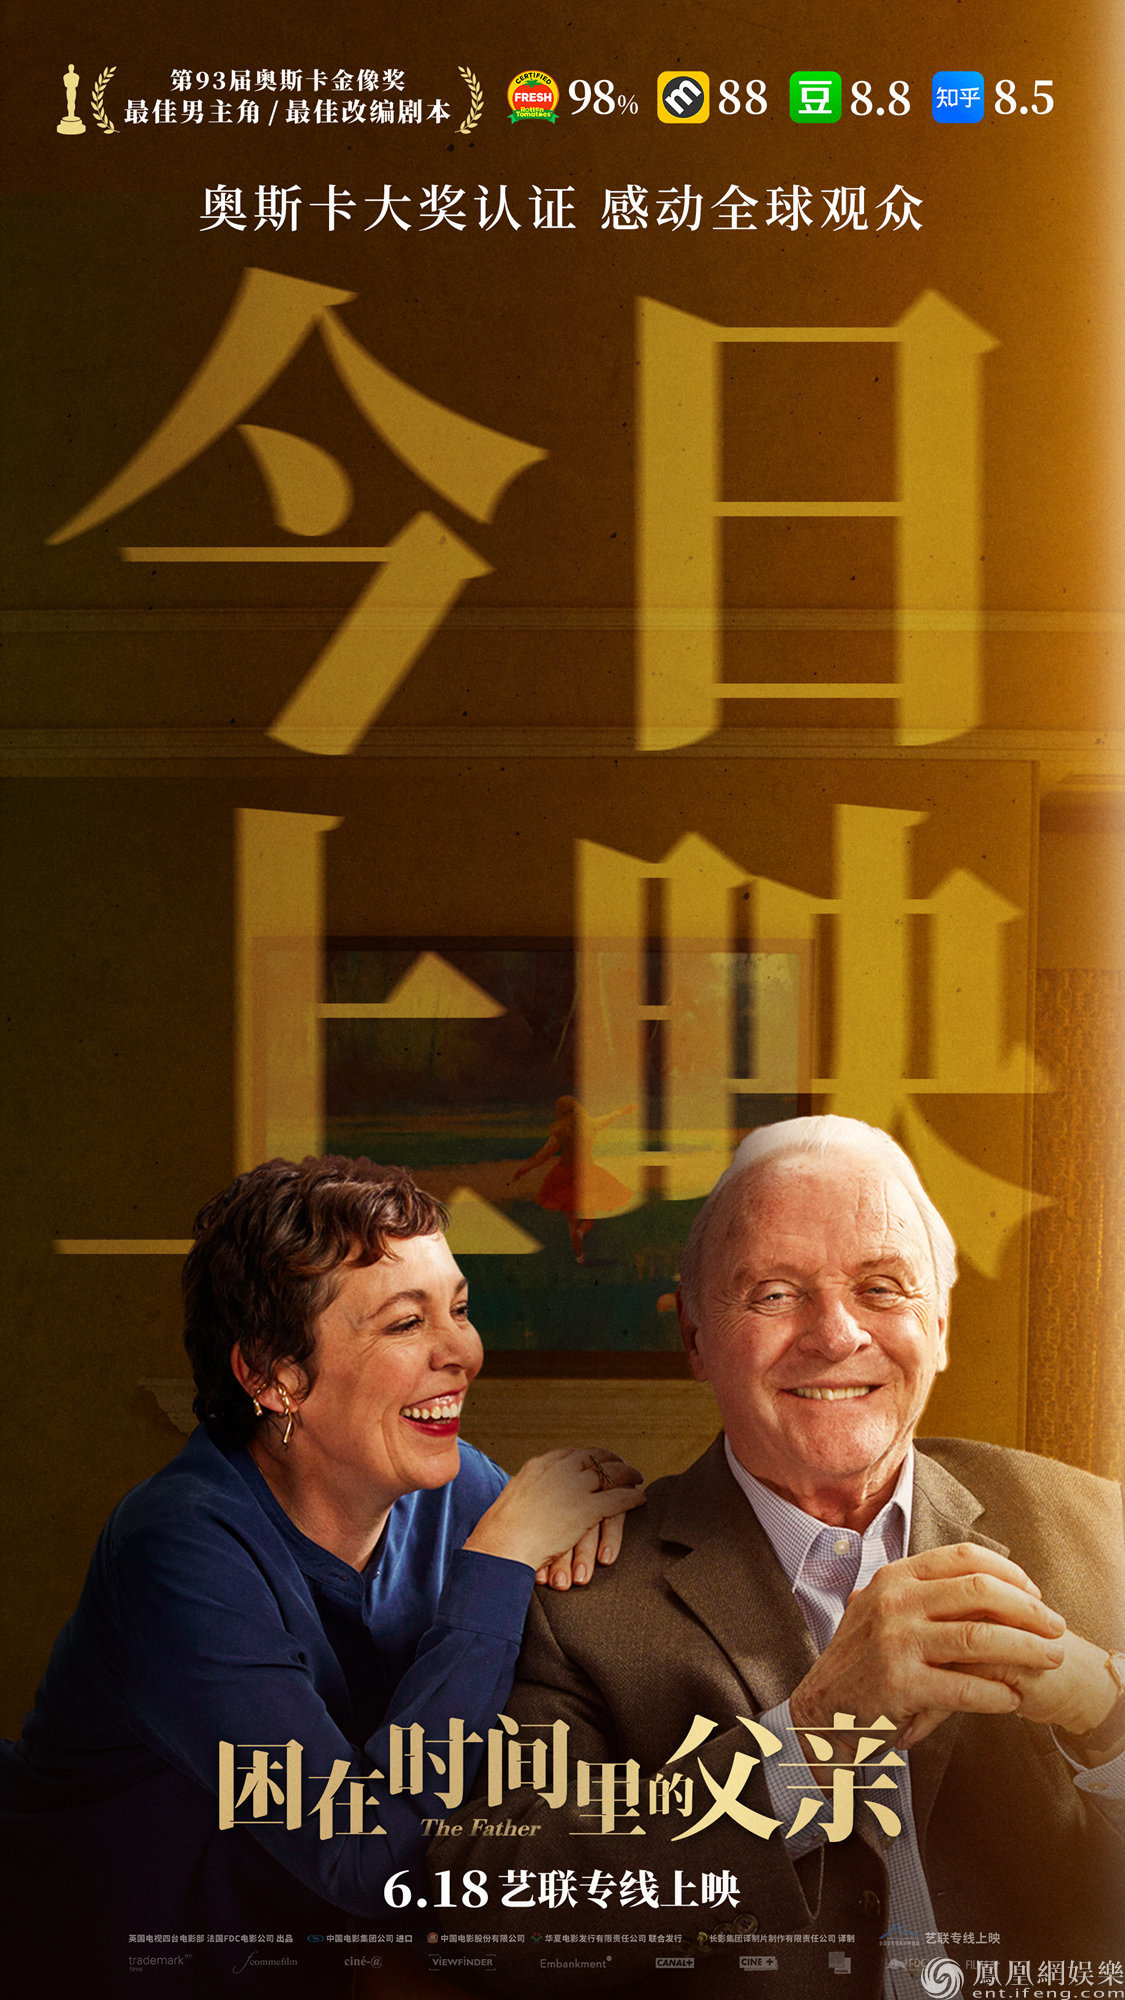 《困在时间里的父亲》6月18日感动上映 看奥奖佳作如何征服全球观众